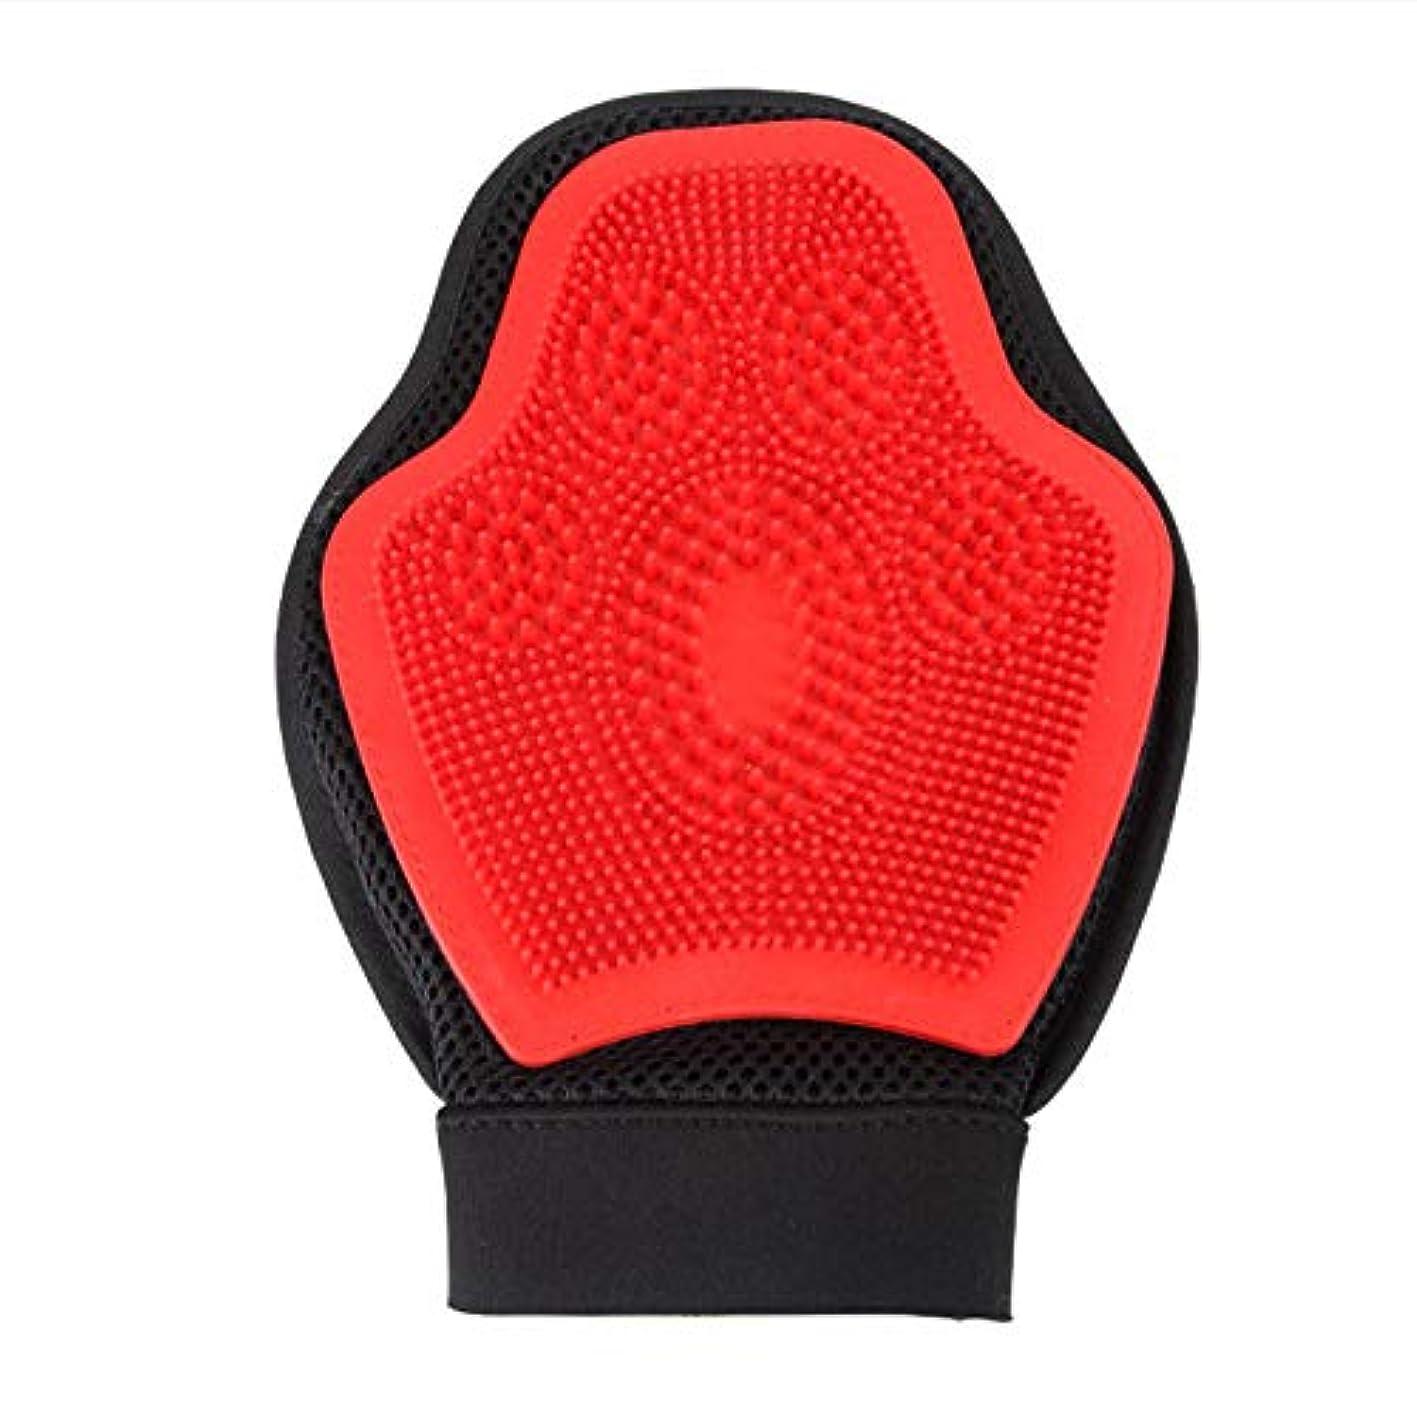 伸ばす荒野先BTXXYJP 手袋 ペット ブラシ グローブ 猫 ブラシ クリーナー 抜け毛取り ブラッシング マッサージブラシ 犬 グローブ ペット毛取りブラシ お手入れ (Color : Red, Size : L)